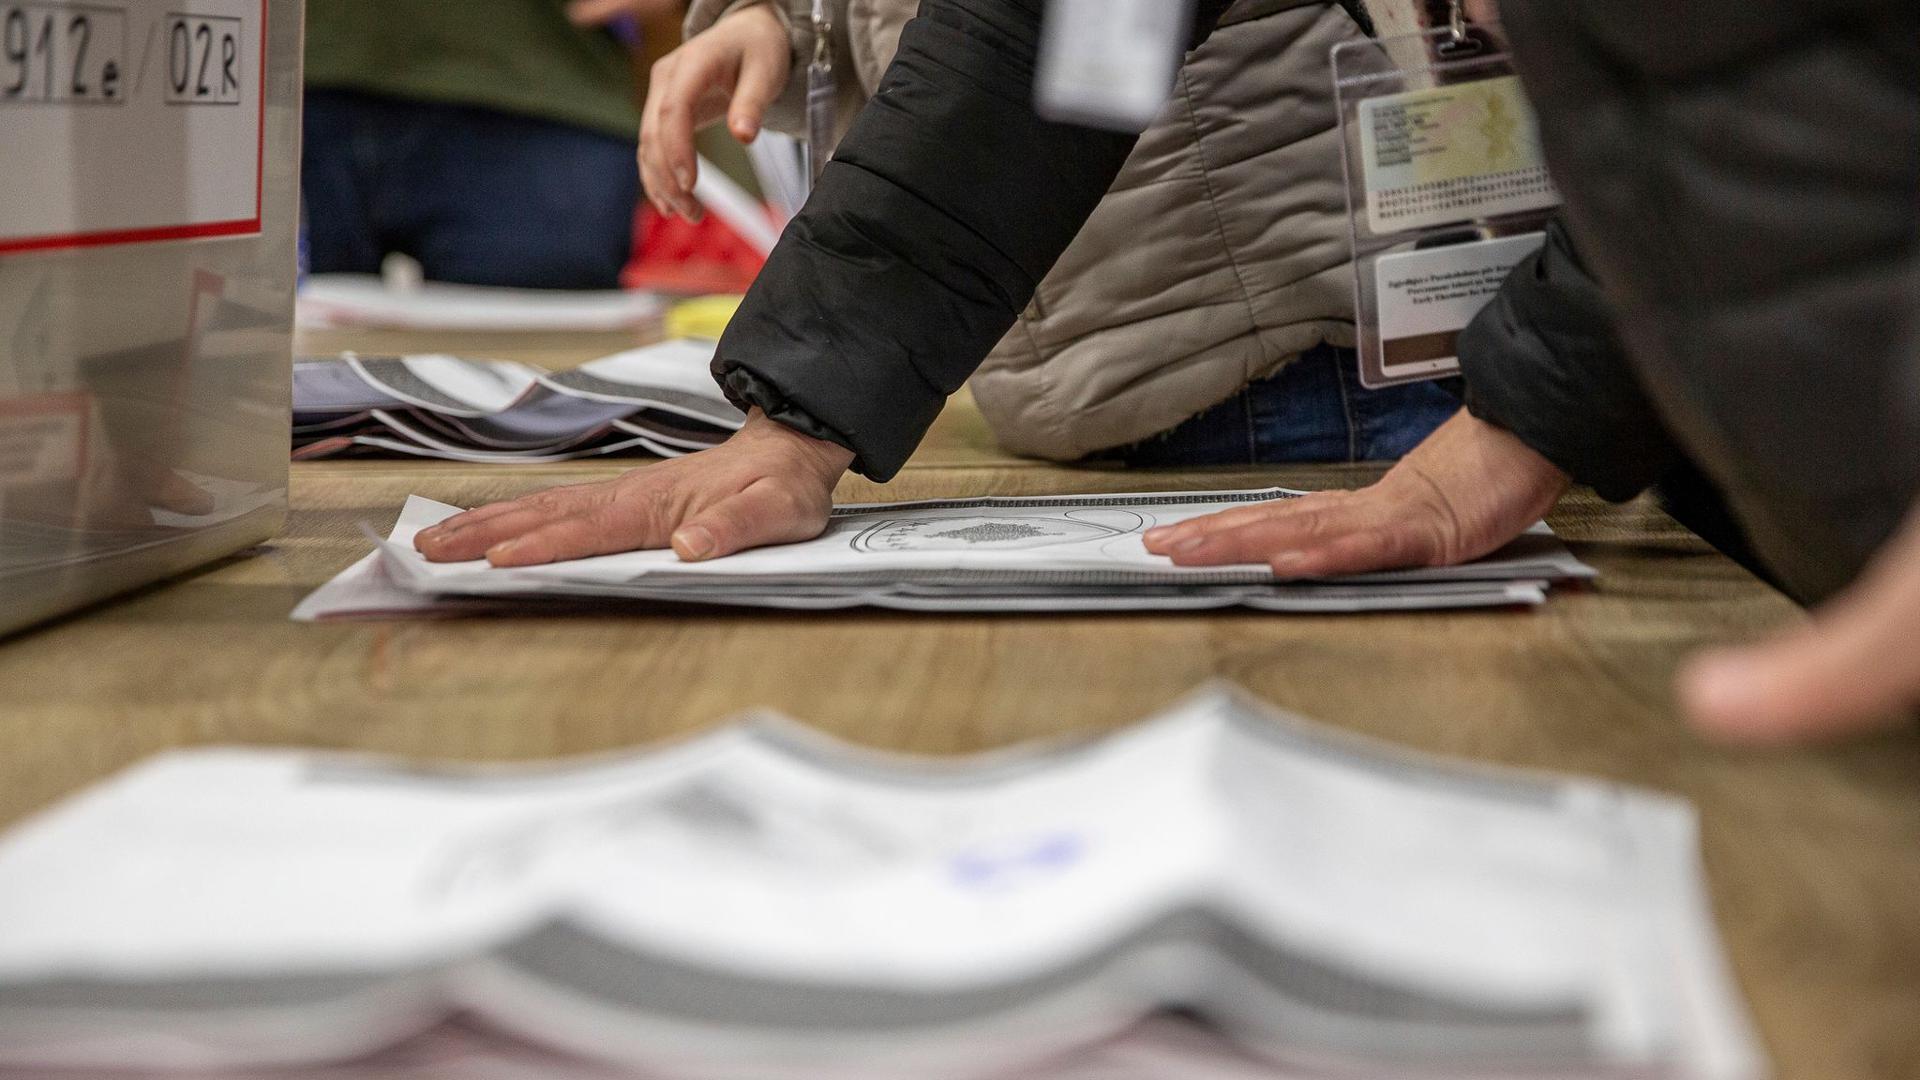 Mitarbeiter der Wahlkommission zählen die abgegebenen Stimmen nach Schließung der Wahllokale.